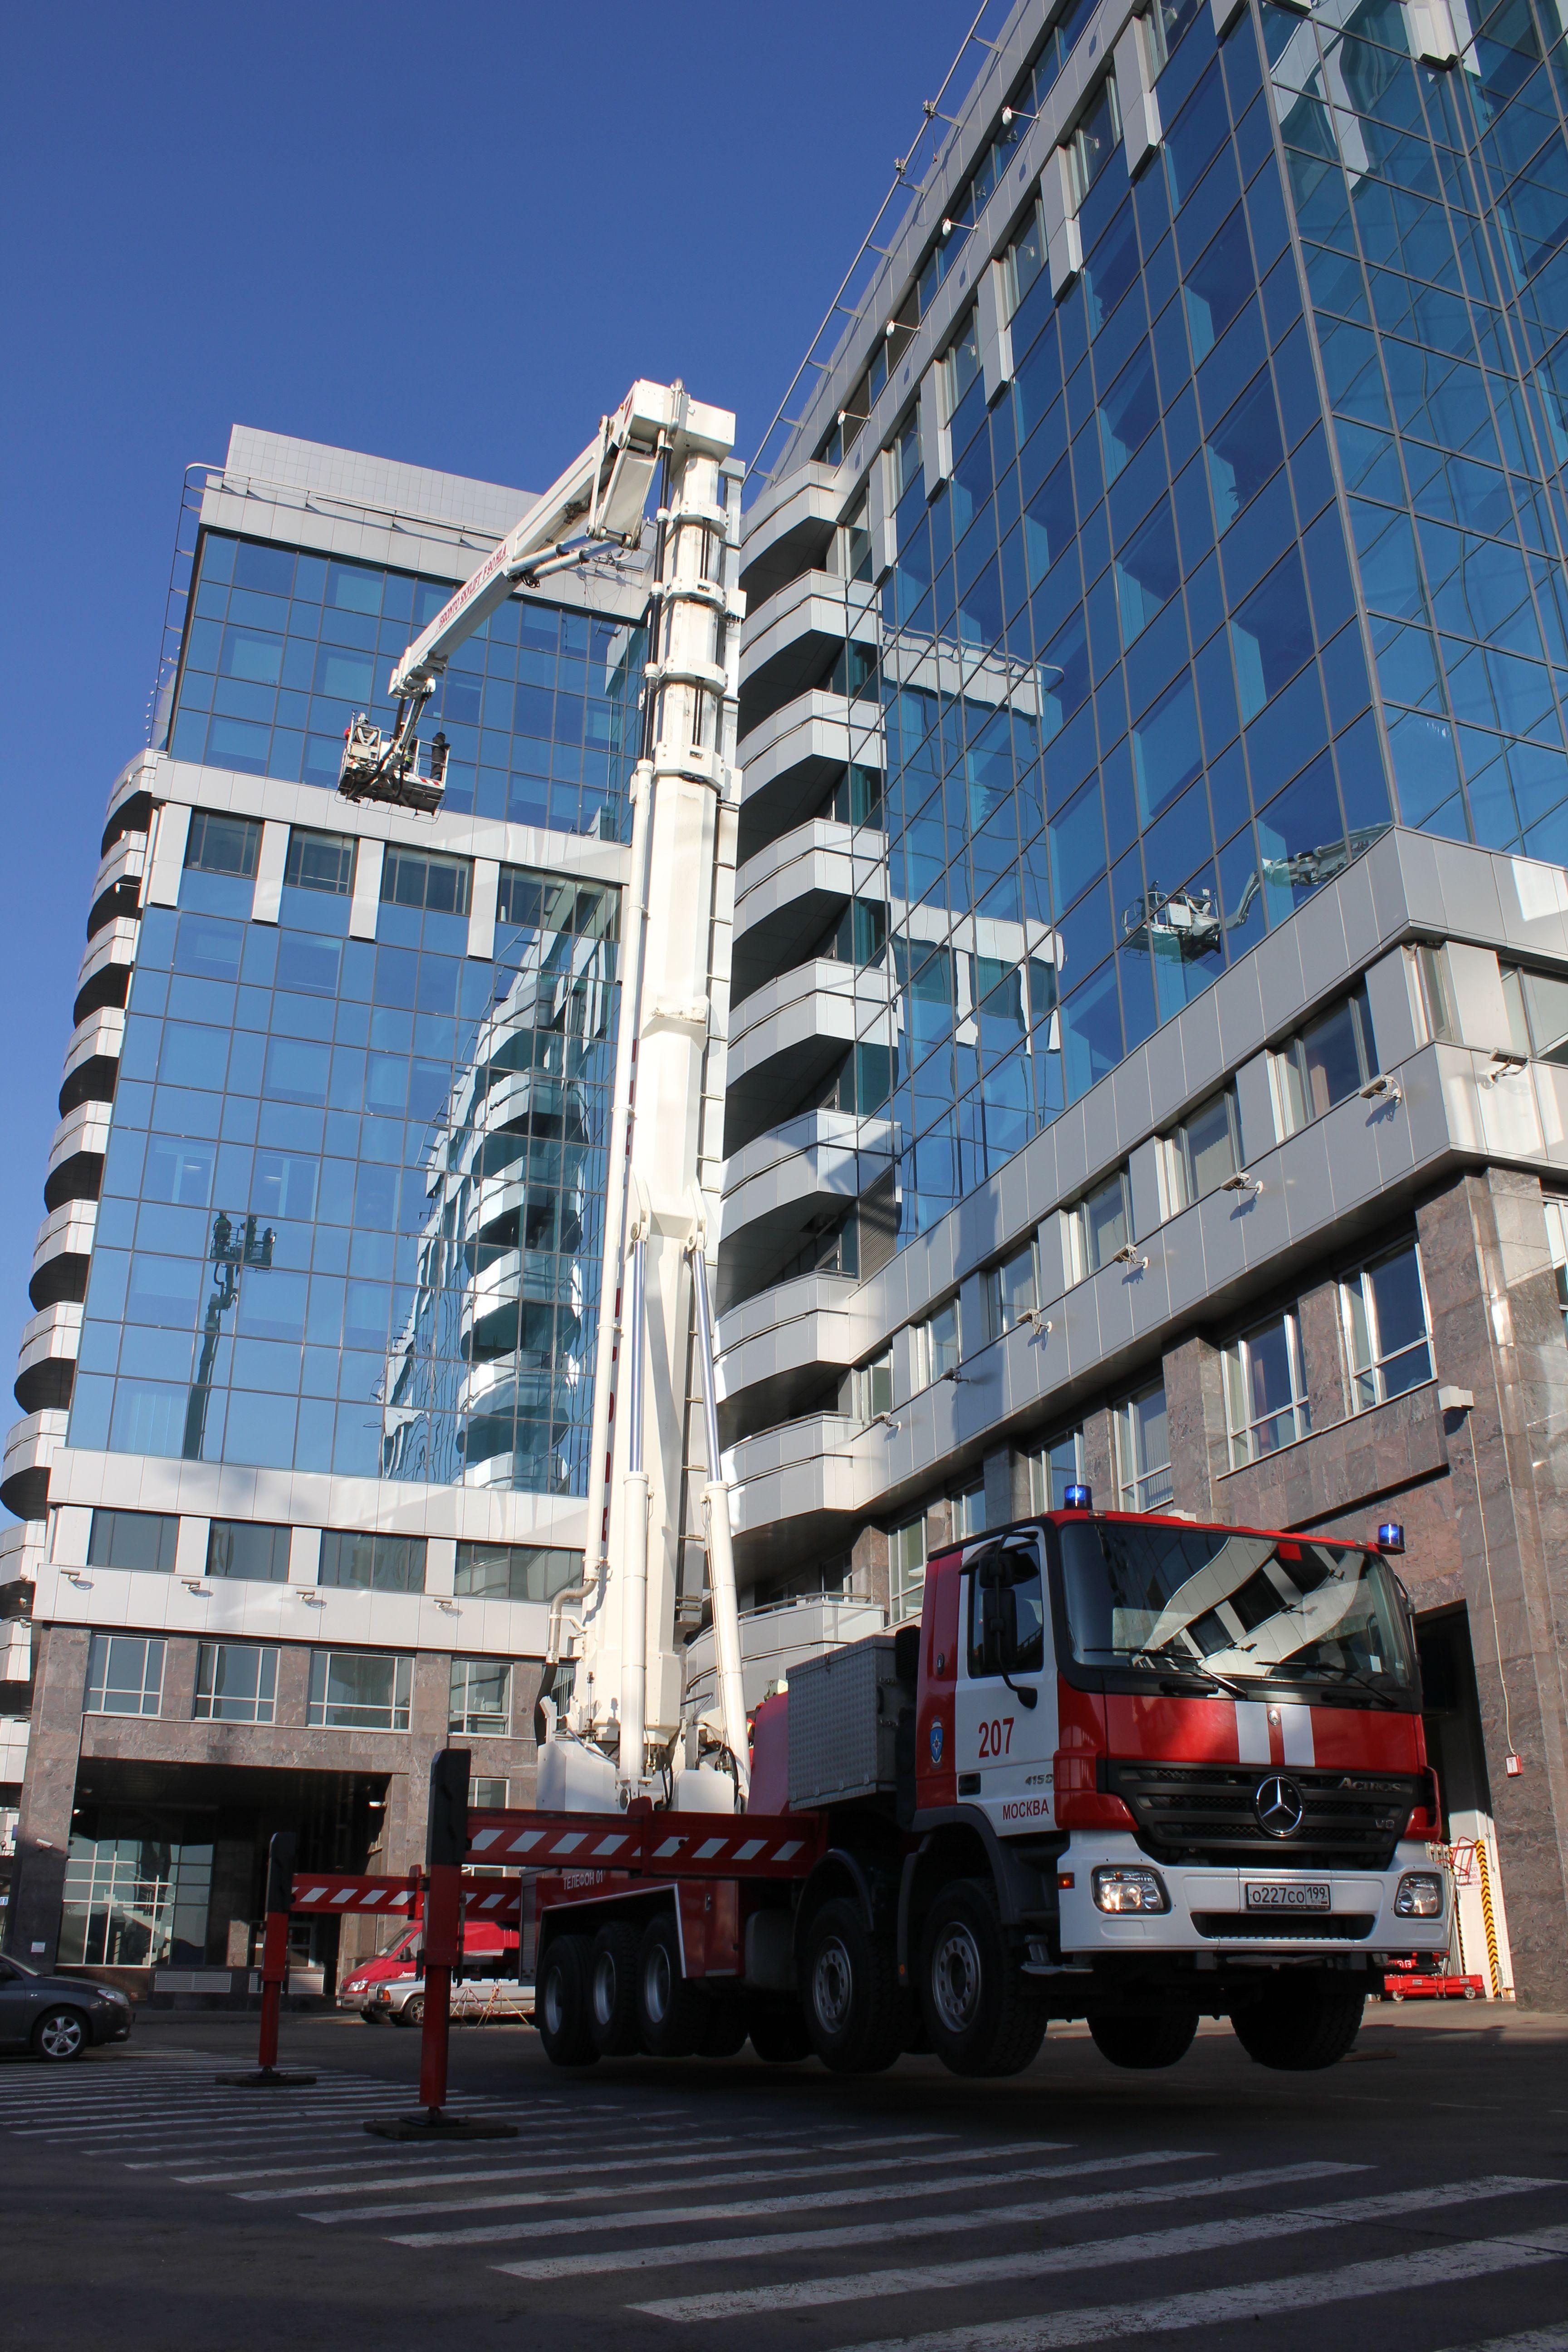 Одиннадцать лет «Пожарно-спасательный центр» обеспечивает безопасность столицы